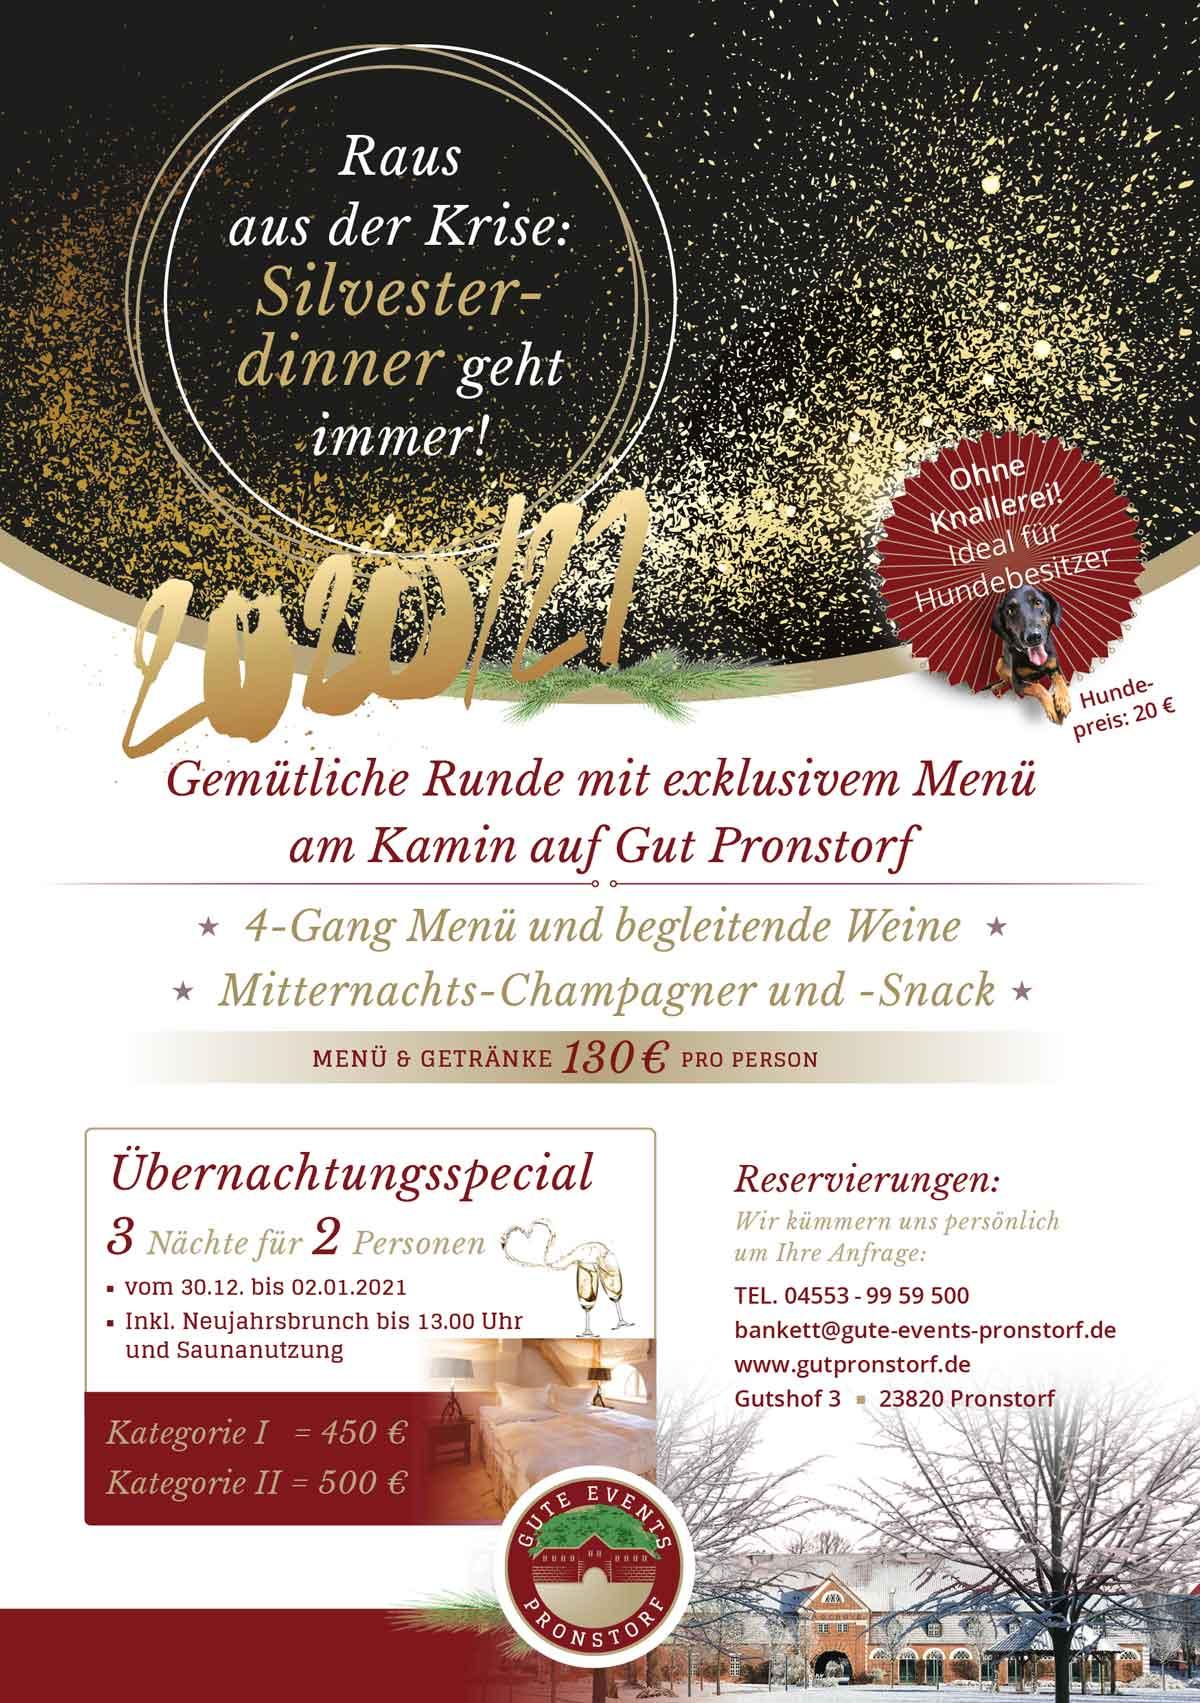 Silvestermenü Gut Pronstorf 2020